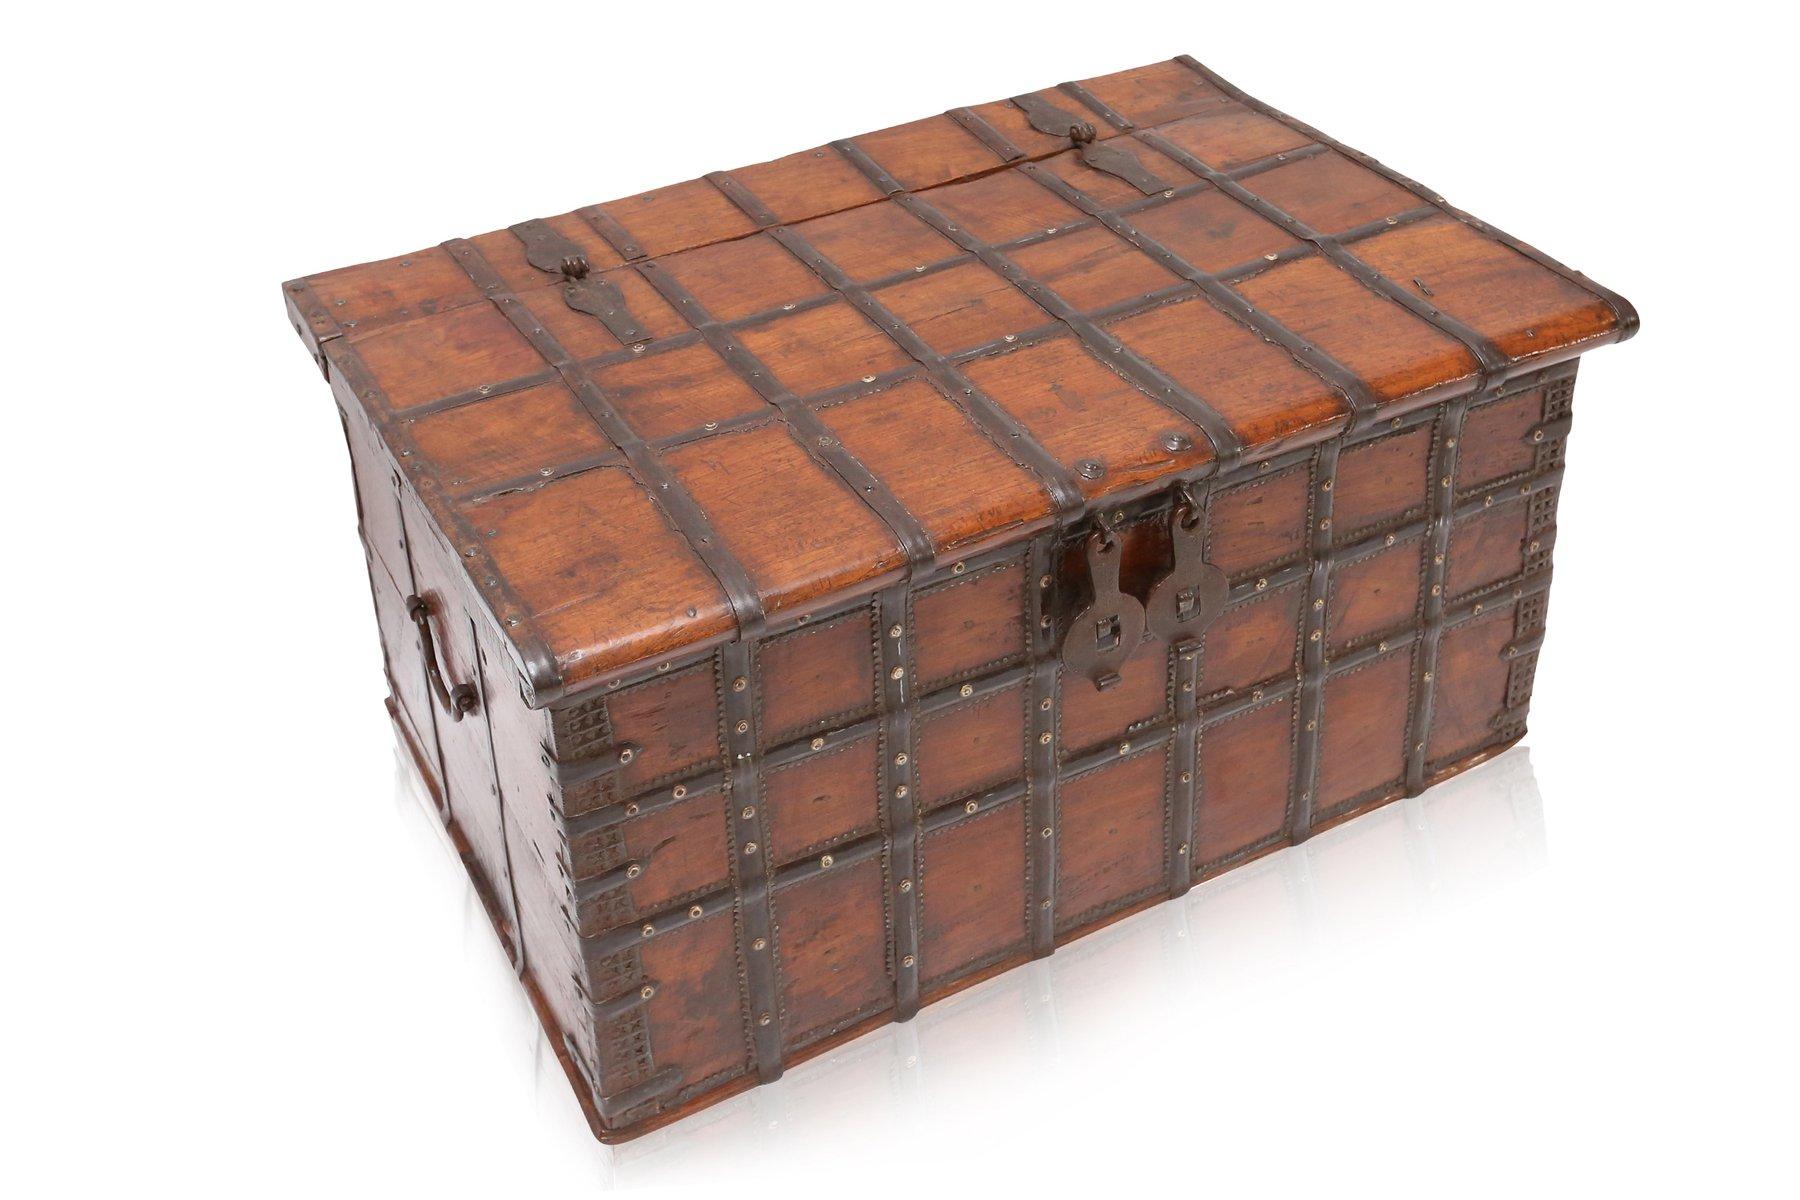 commode en bois et en m tal antique espagne en vente sur pamono. Black Bedroom Furniture Sets. Home Design Ideas